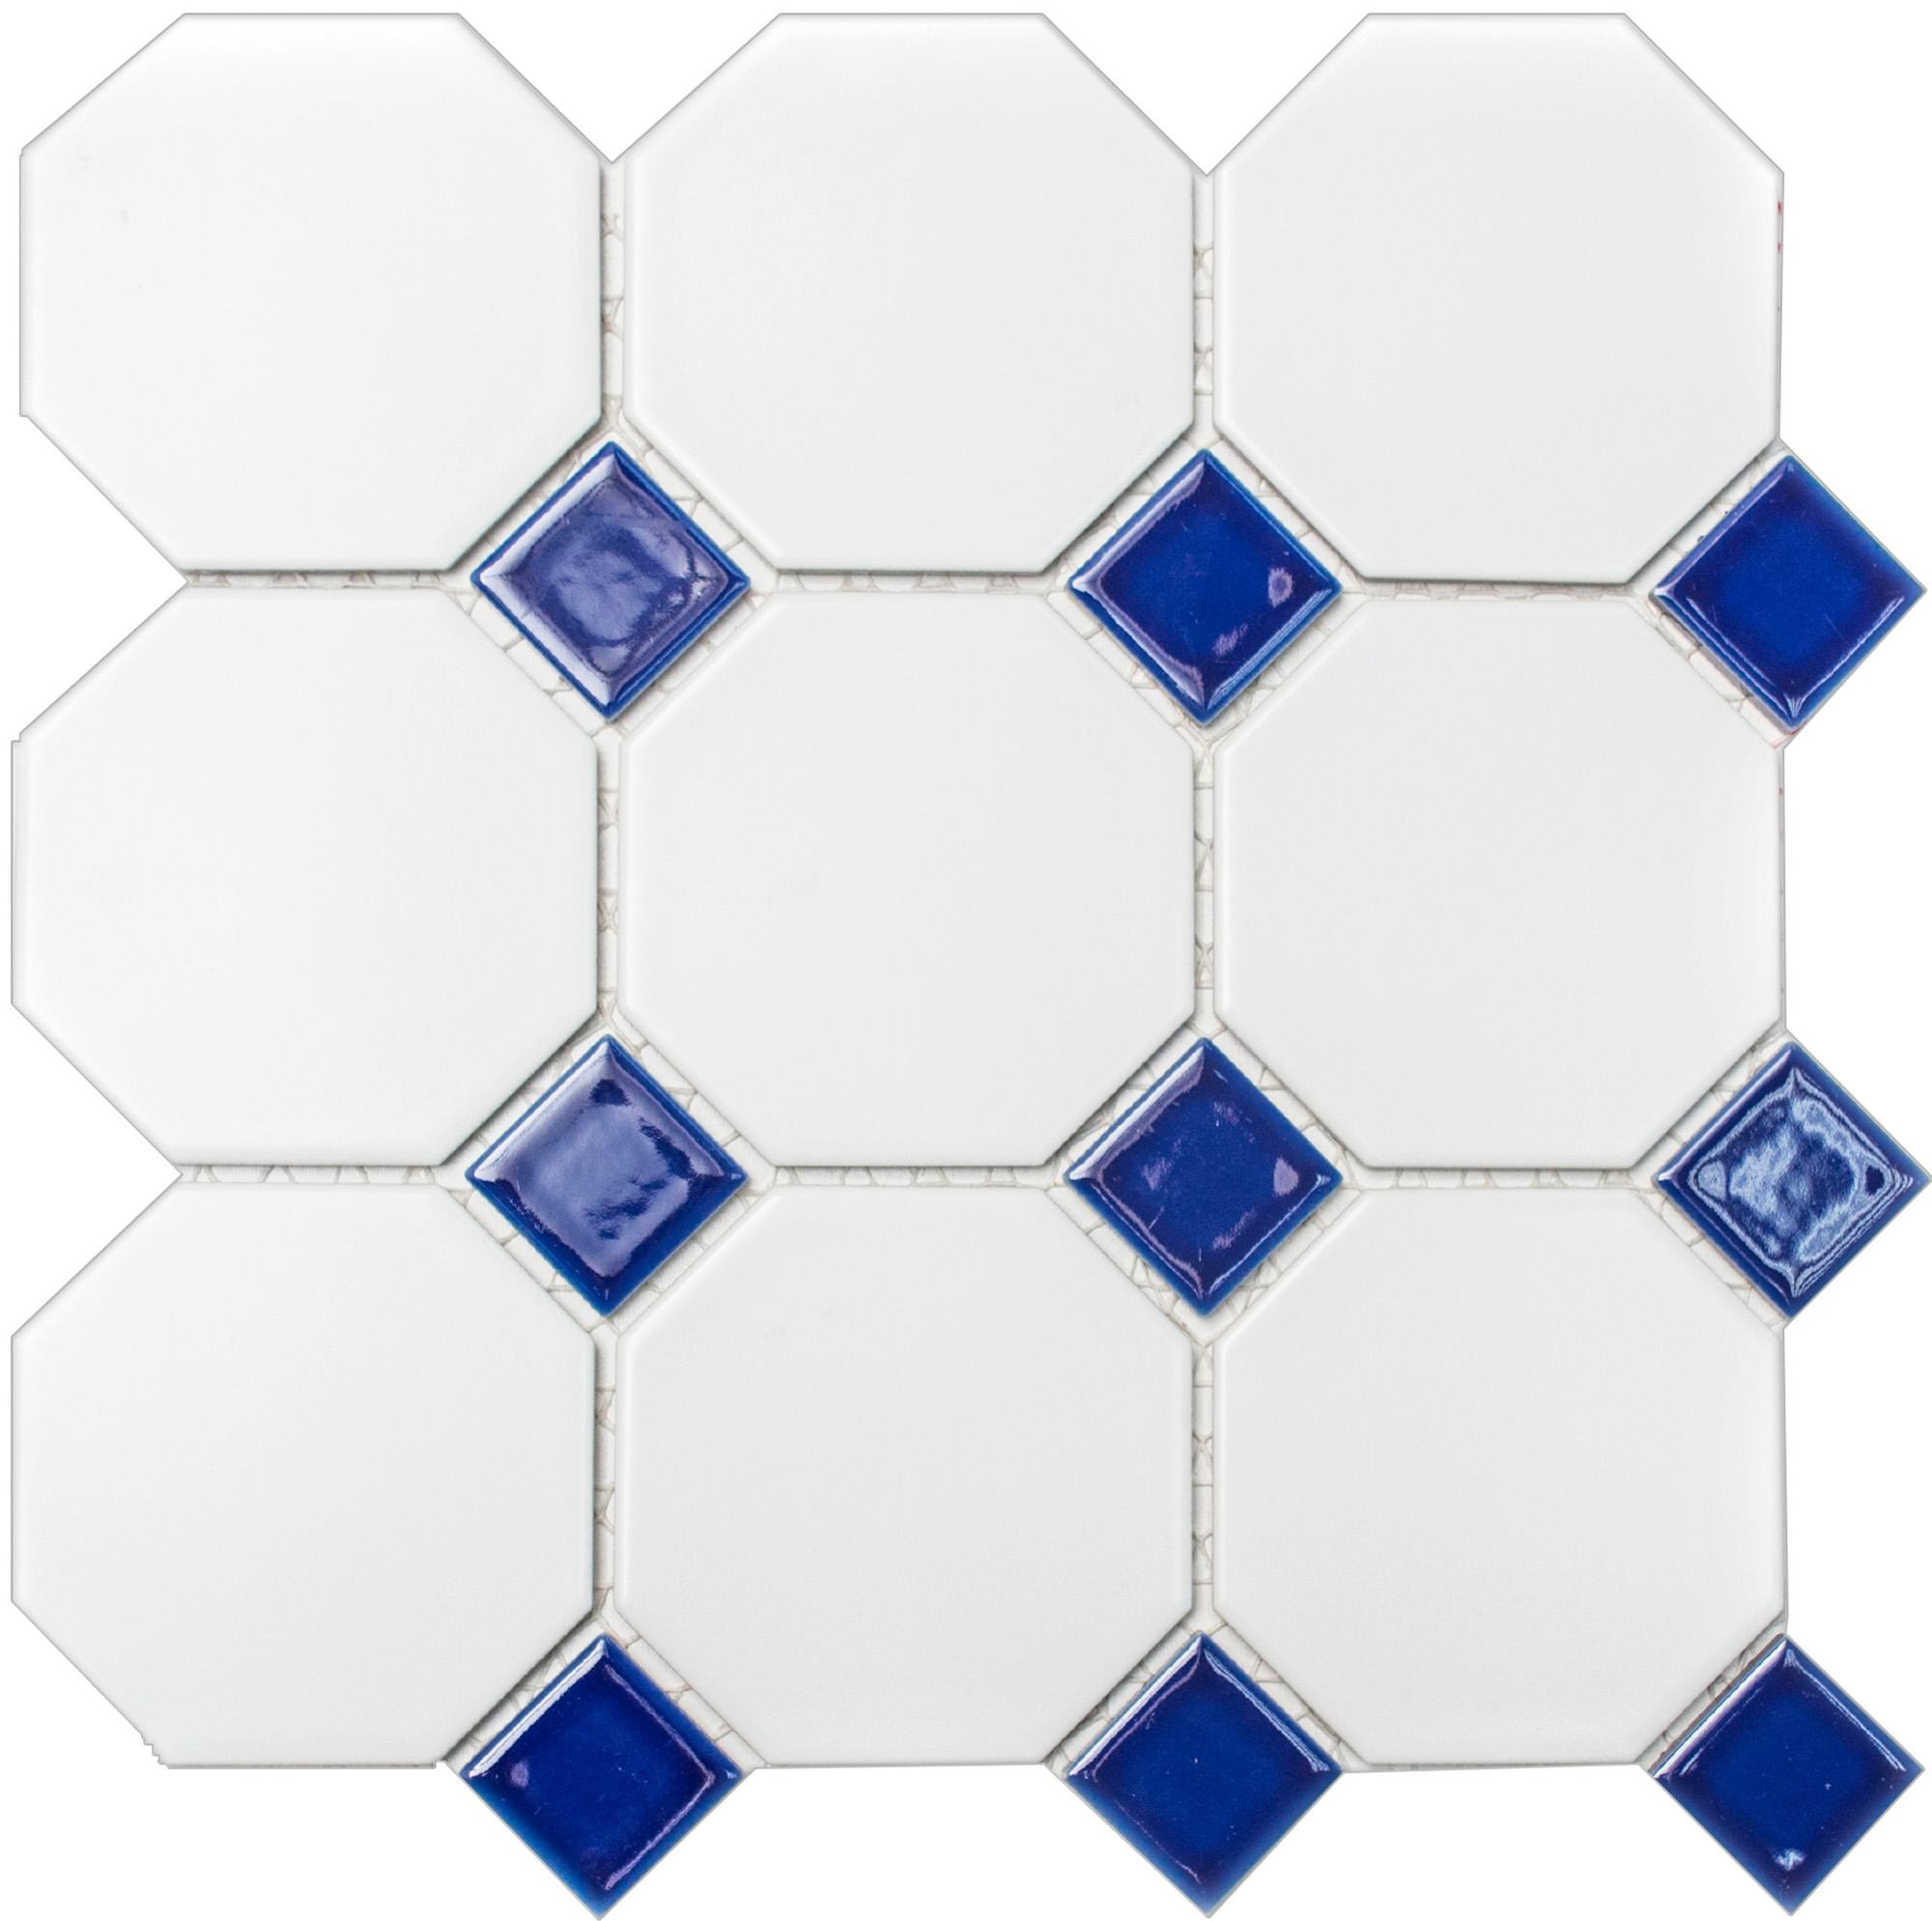 OCTAG944N, Octagon, Valkoinen, mosaiiikki,lattia,pakkasenkesto